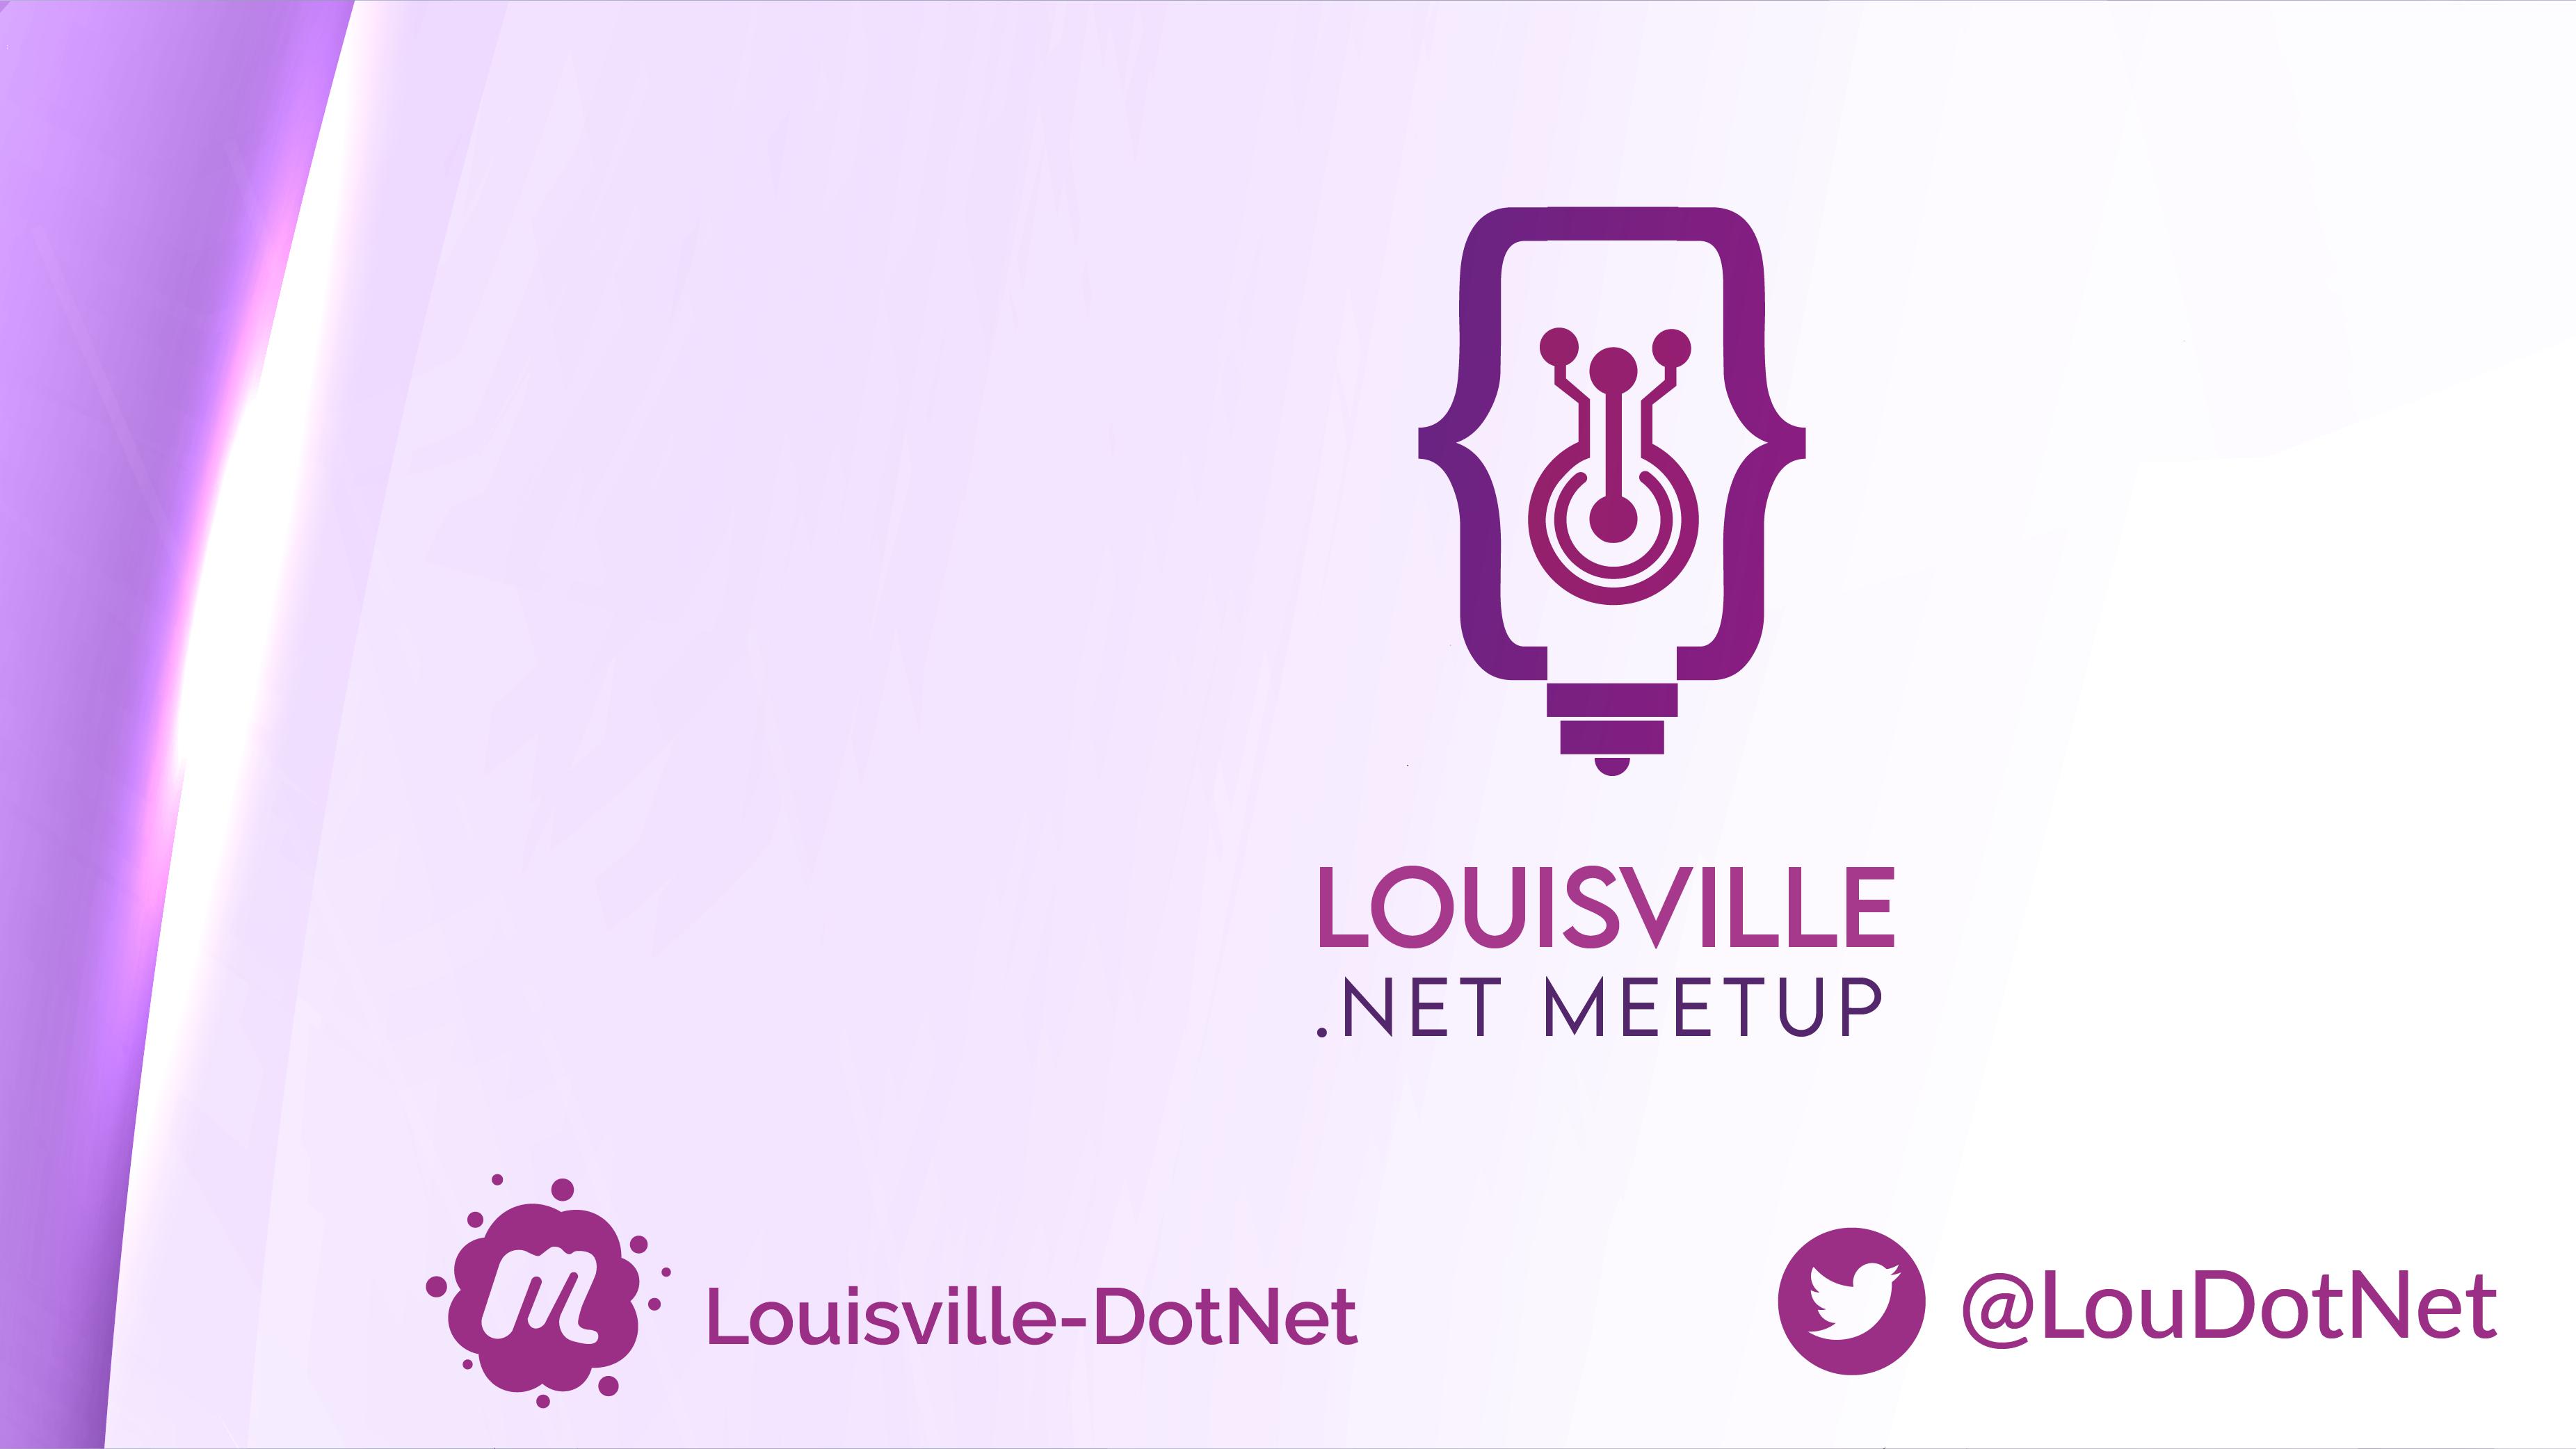 Louisville .NET Meetup Group